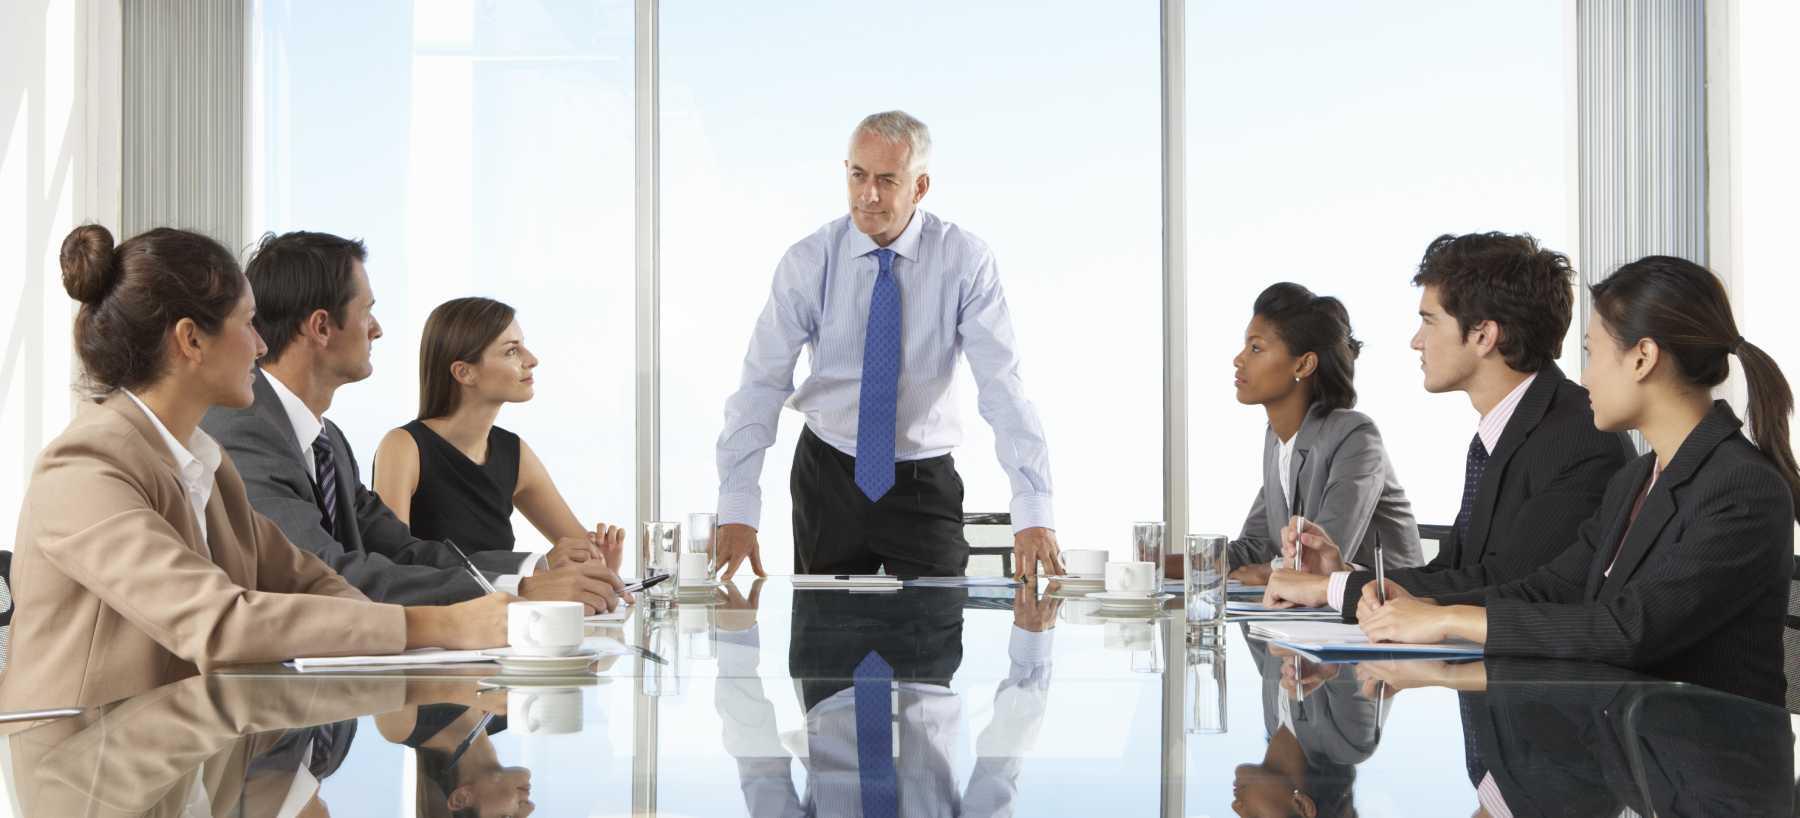 CEO boardroom meeting